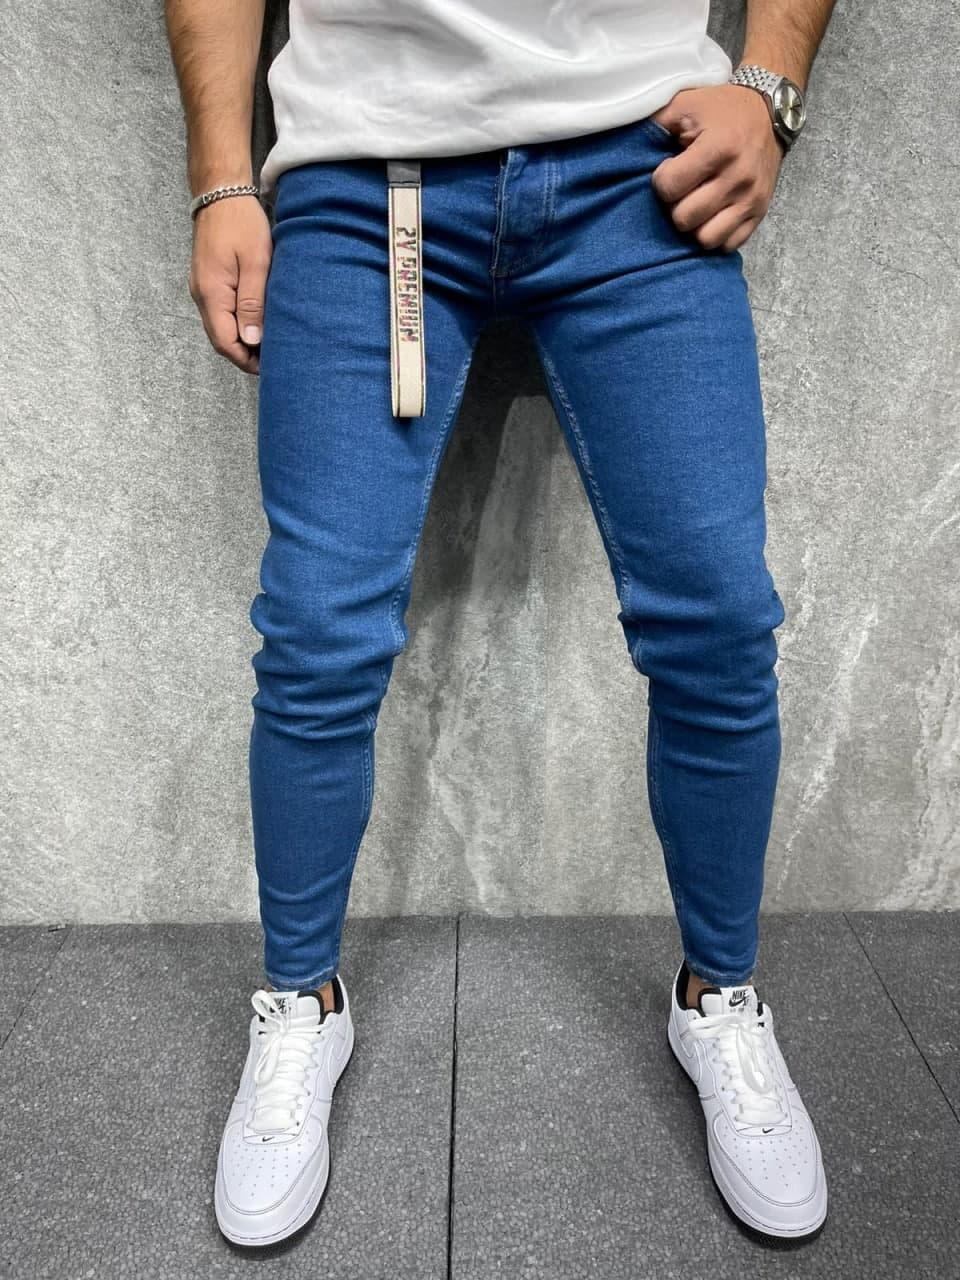 Джинси - сині джинси Чоловічі / чоловічі джинси сині прямі класичні новинка